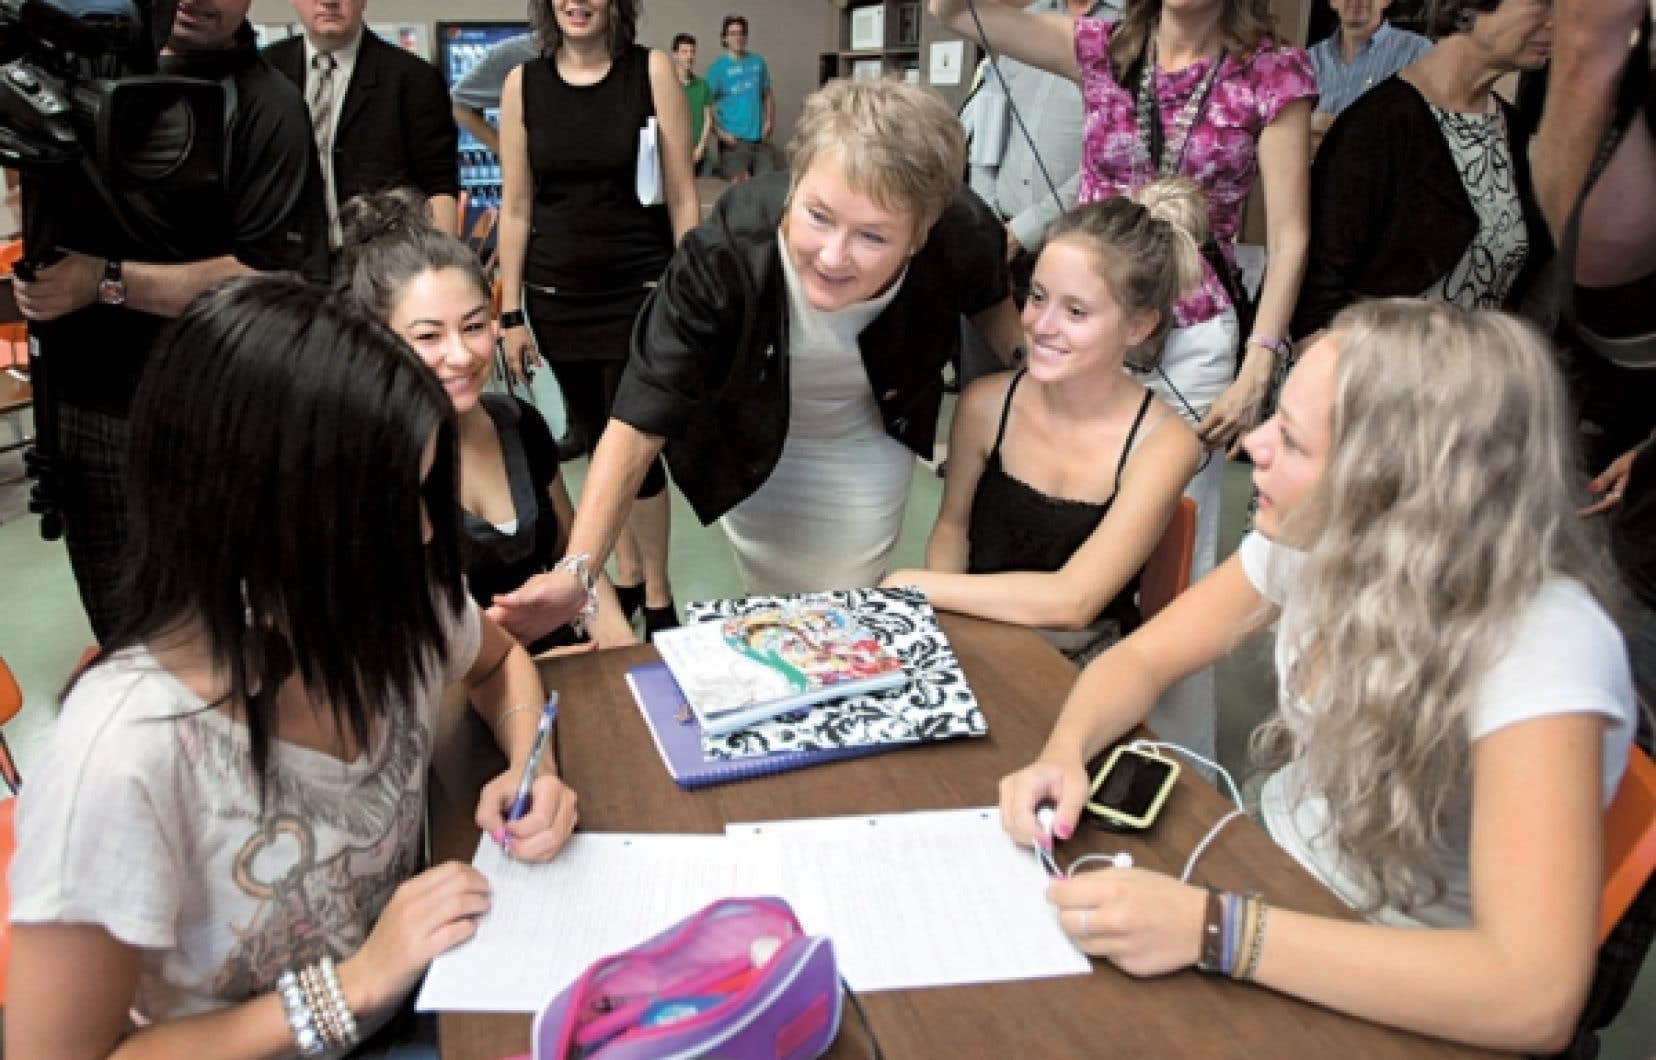 <div> Pauline Marois a fait campagne au cégep de Sorel-Tracy lundi. La chef péquiste a indiqué qu'il est irréaliste de promettre la gratuité scolaire de la maternelle à l'université, comme le fait Québec solidaire.</div>